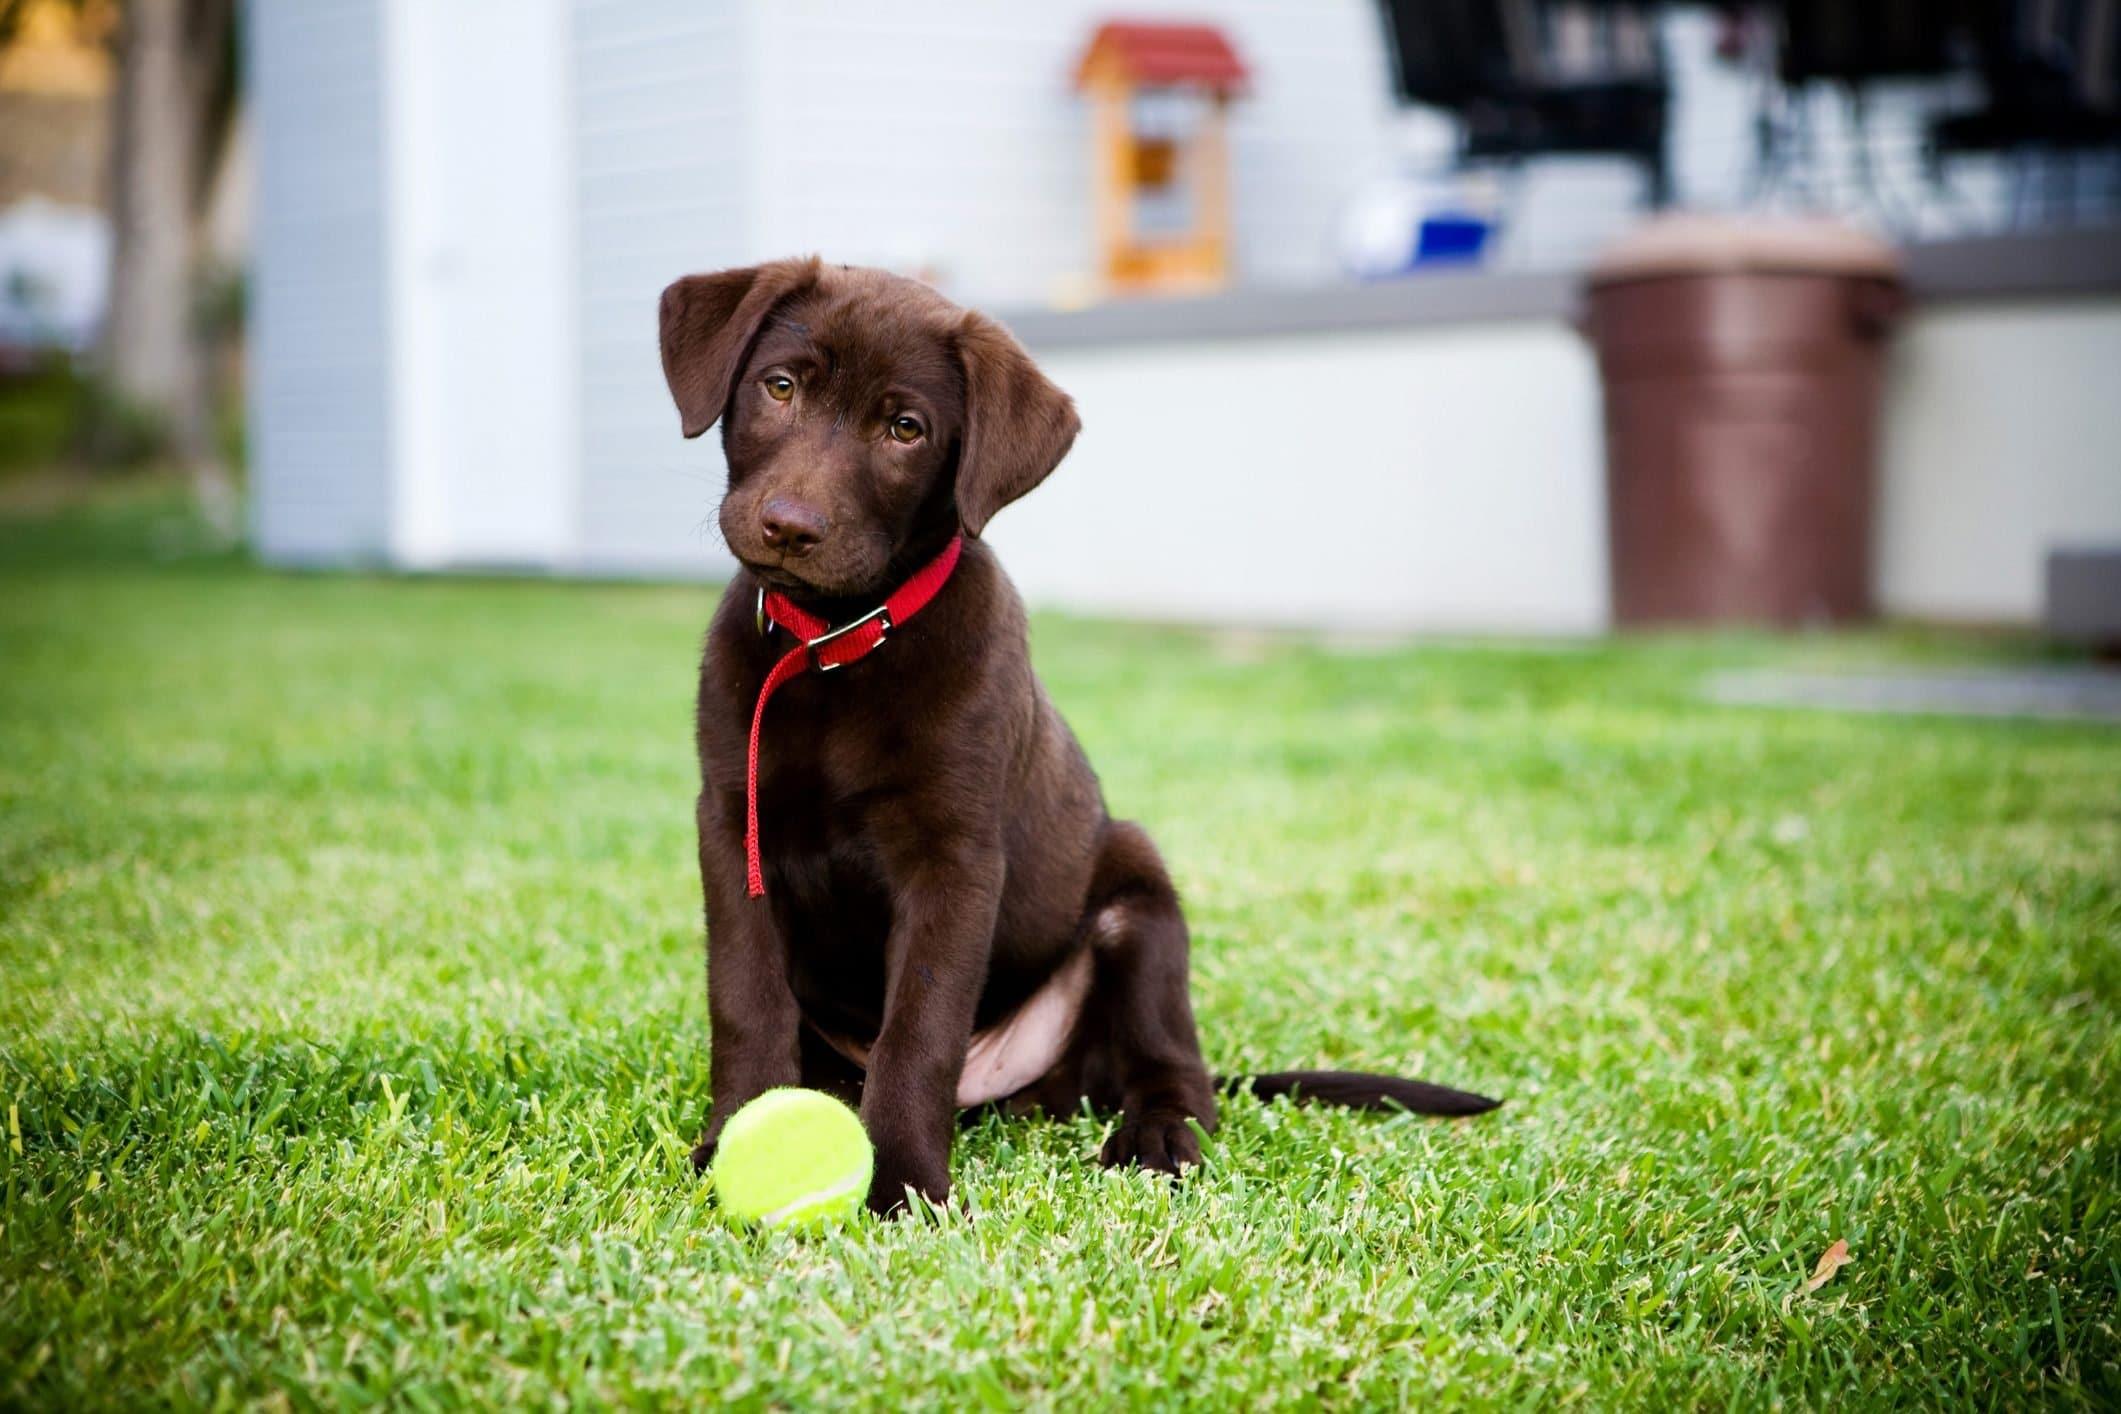 Сладко куче # 1: Лабрадор ретривър - Най-сладките породи кучета като палета